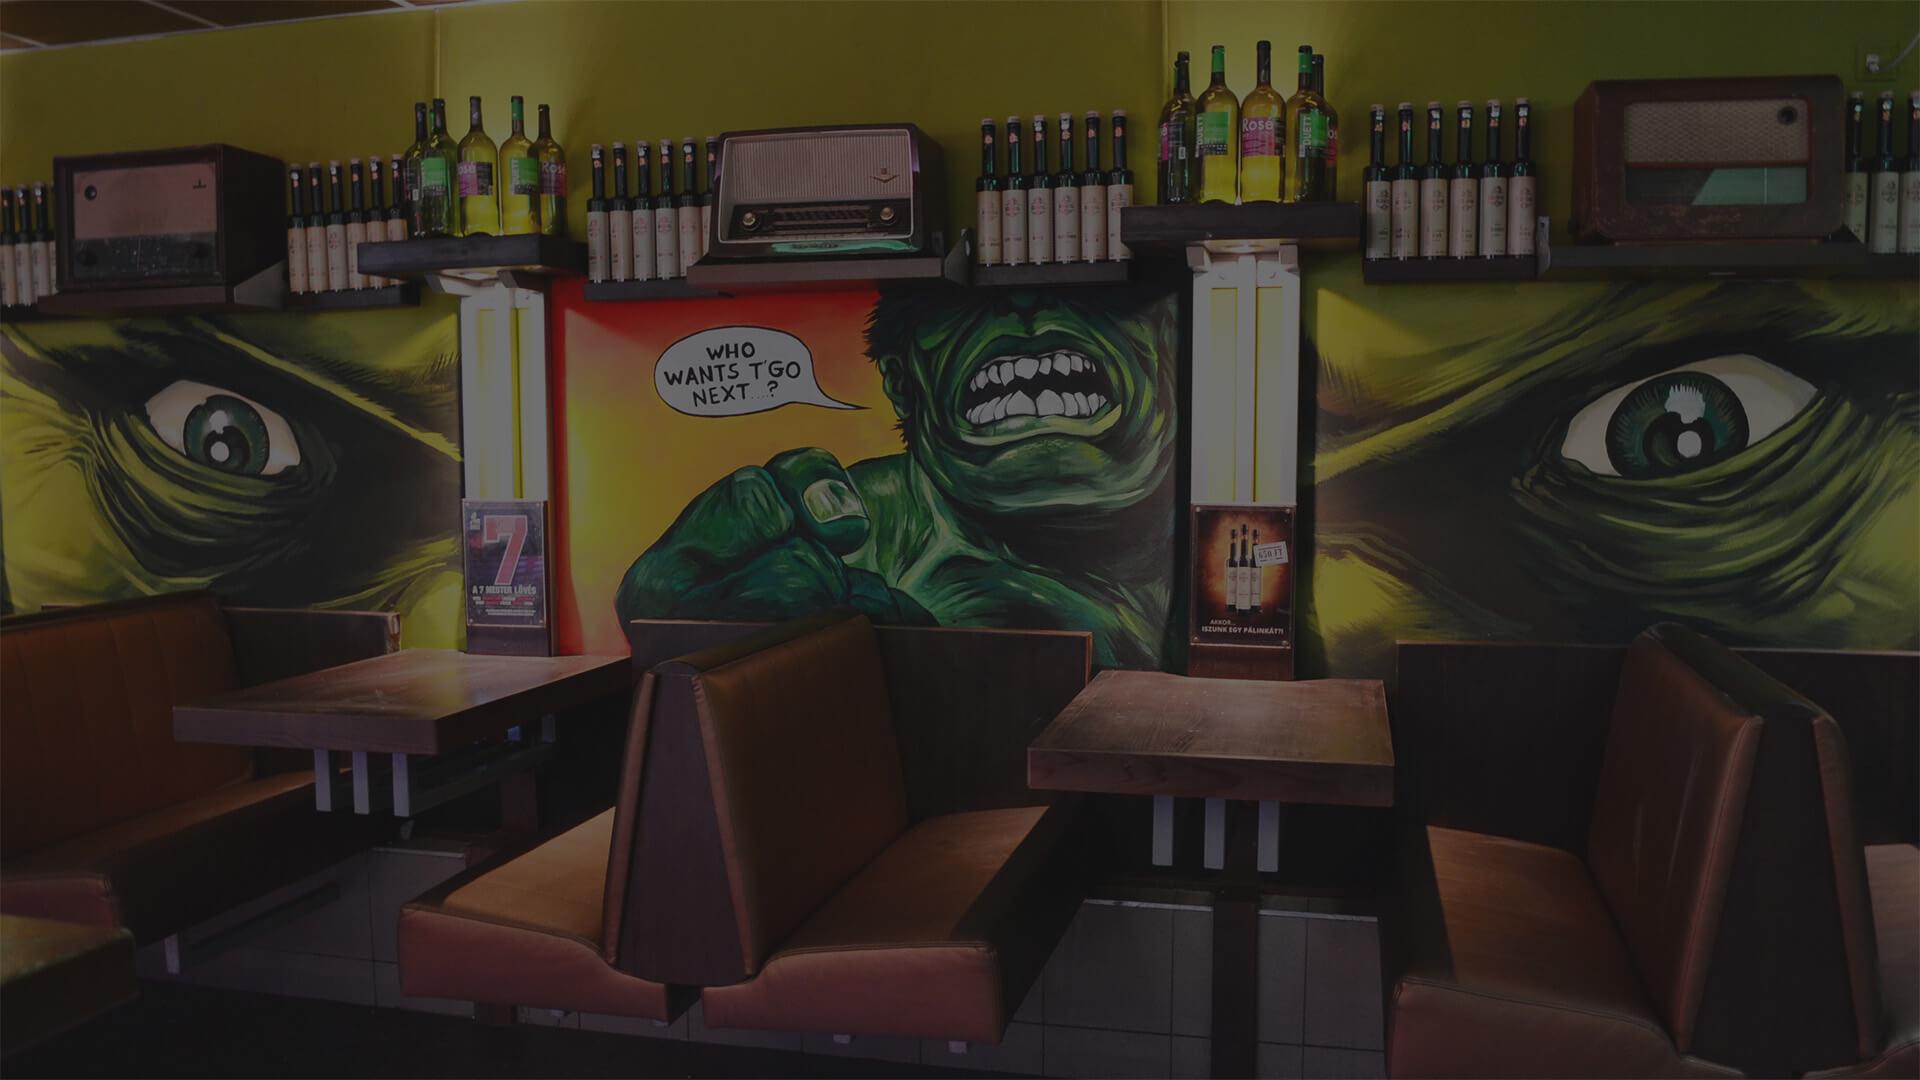 beltéri falfestés kocsma szórakozóhely dekoráció eredeti stílus szeged budapest (2)